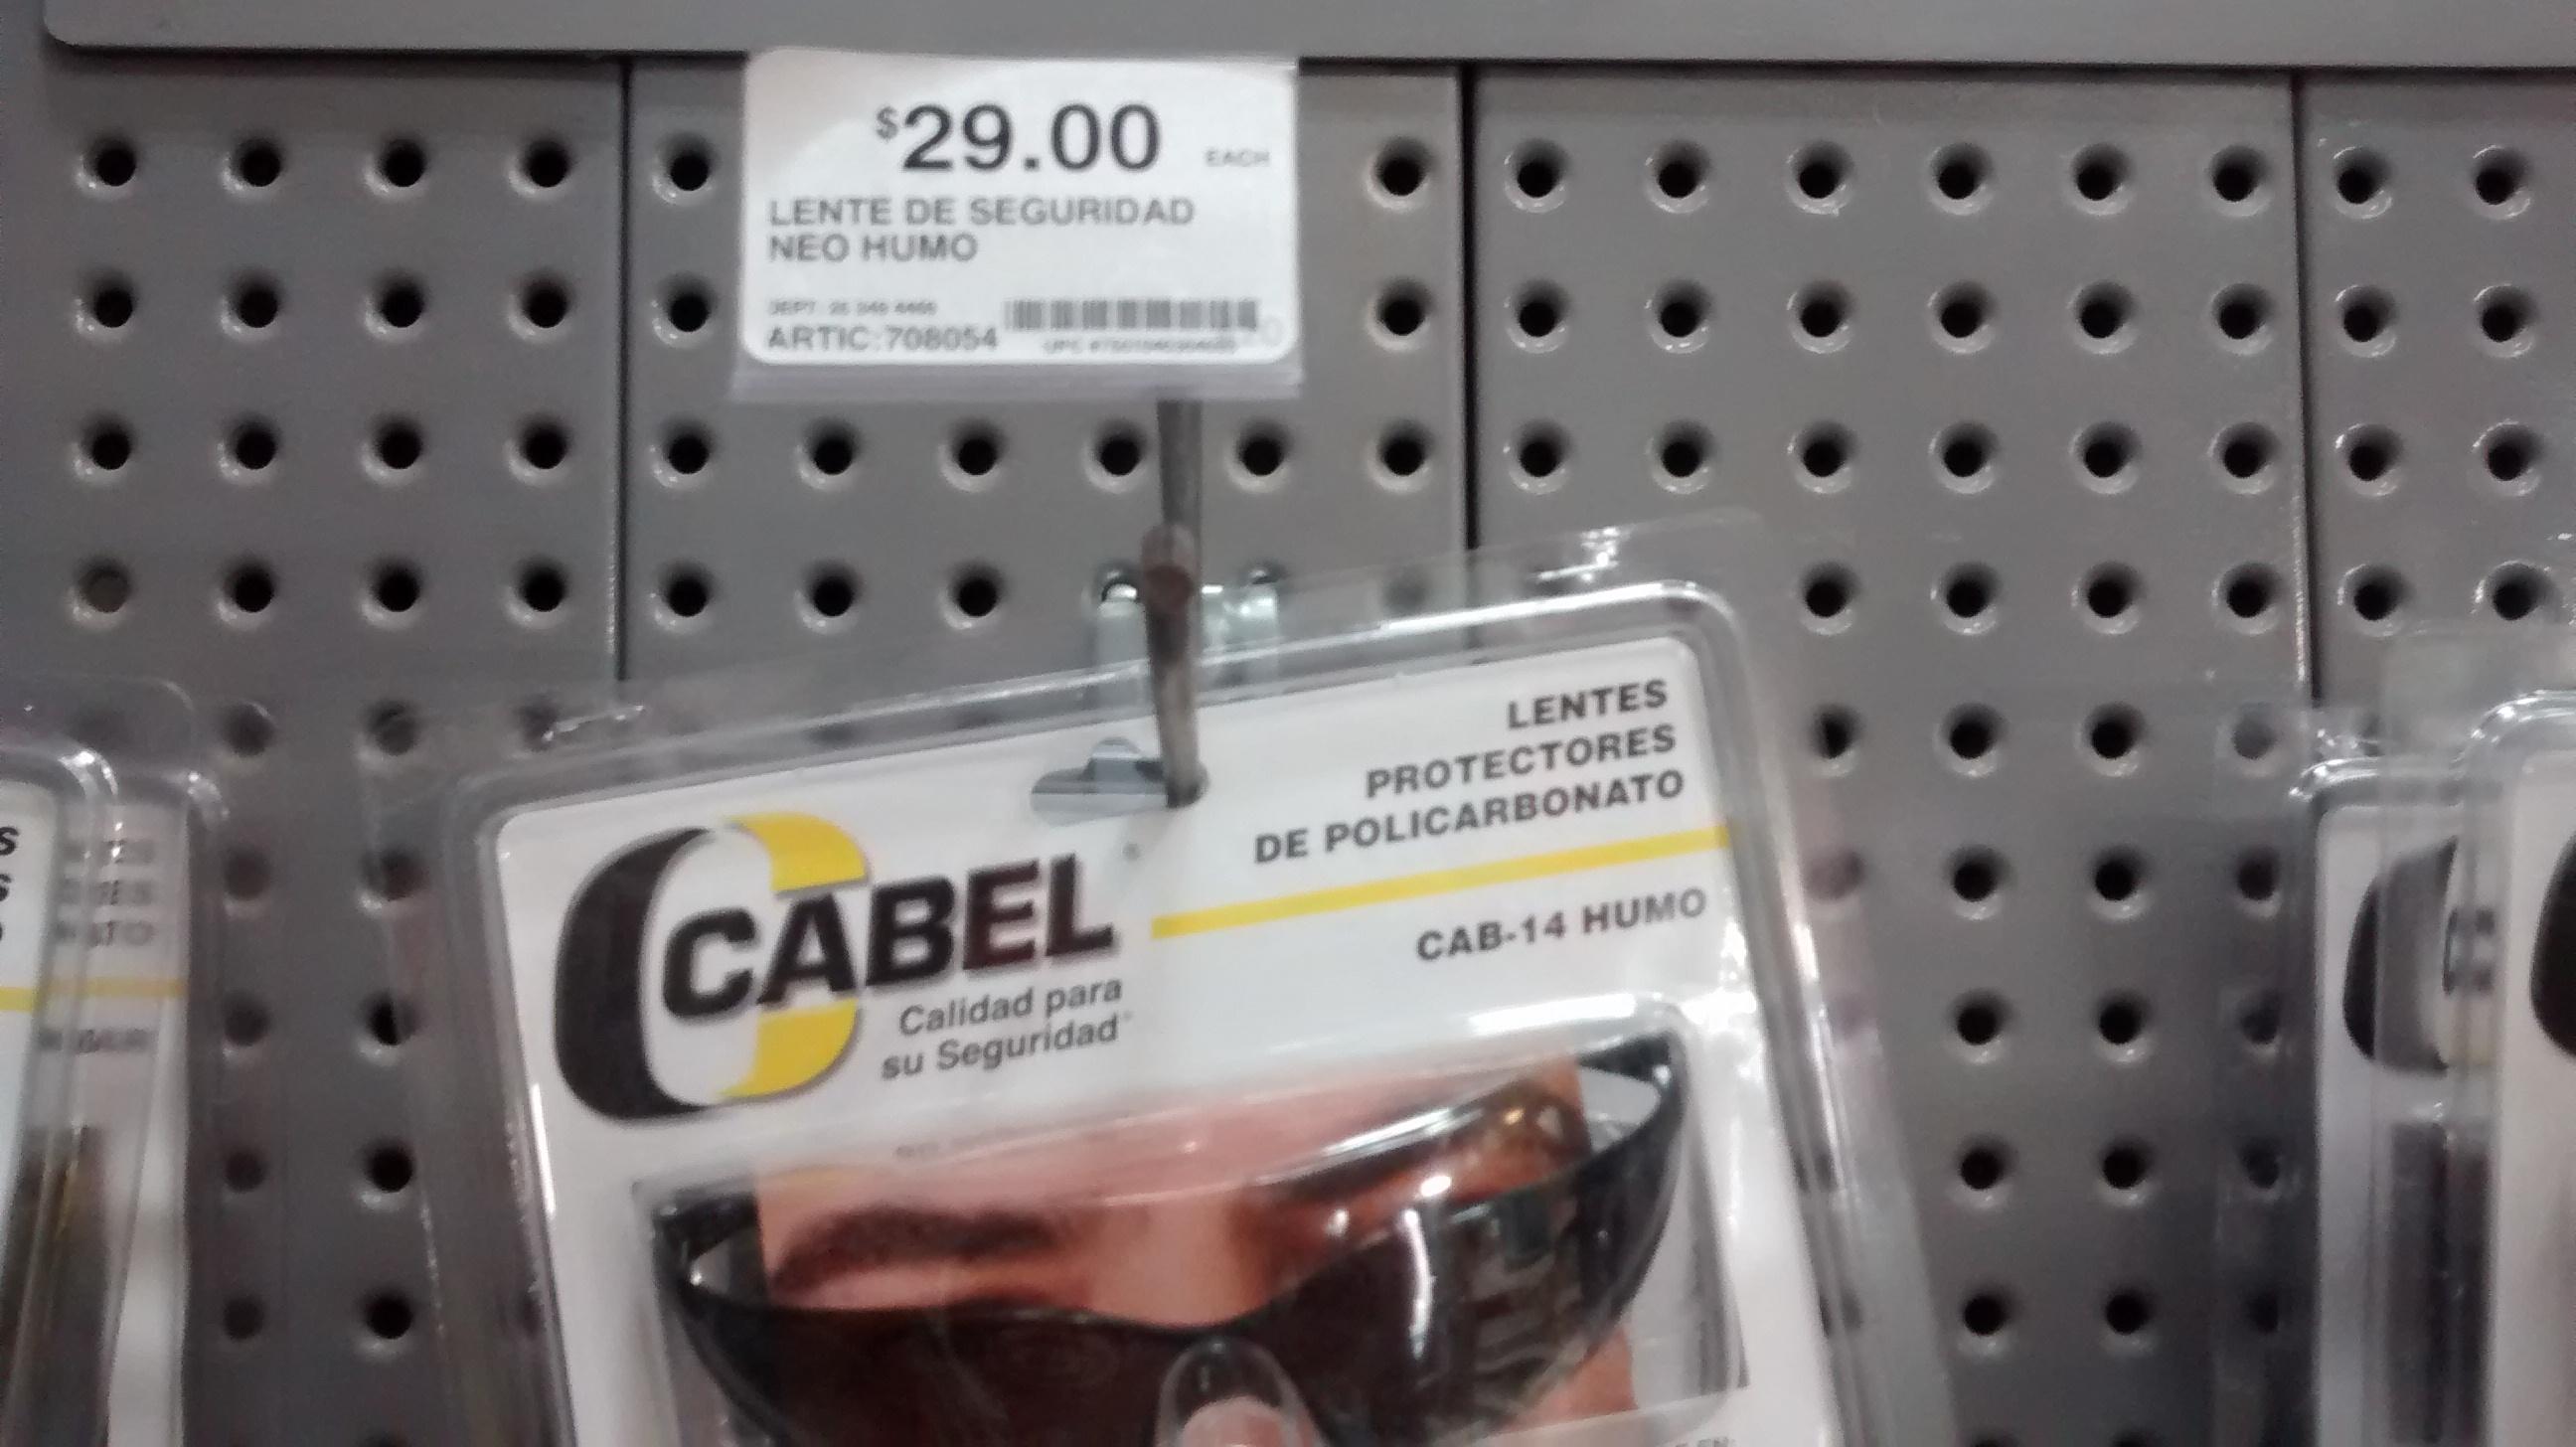 Home Depot Tres Ríos Culiacán: Lentes protectores de policarbonato Cabel